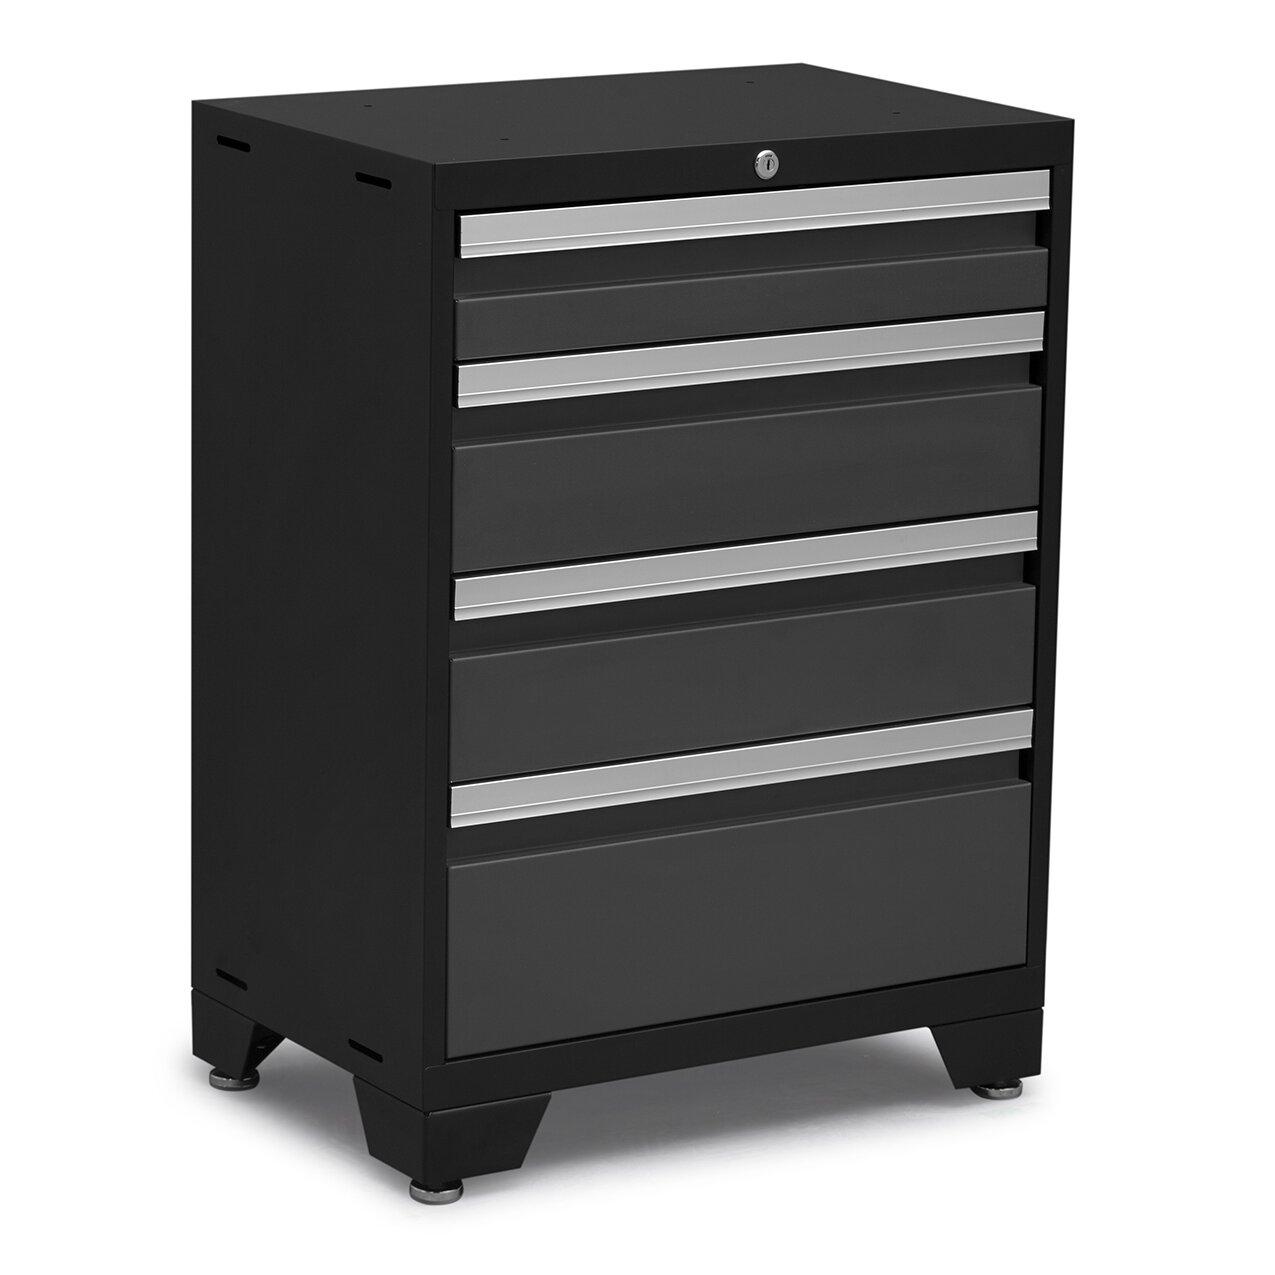 Newage products bold 3 0 series 8 piece garage storage for 3 piece metal kitchen units